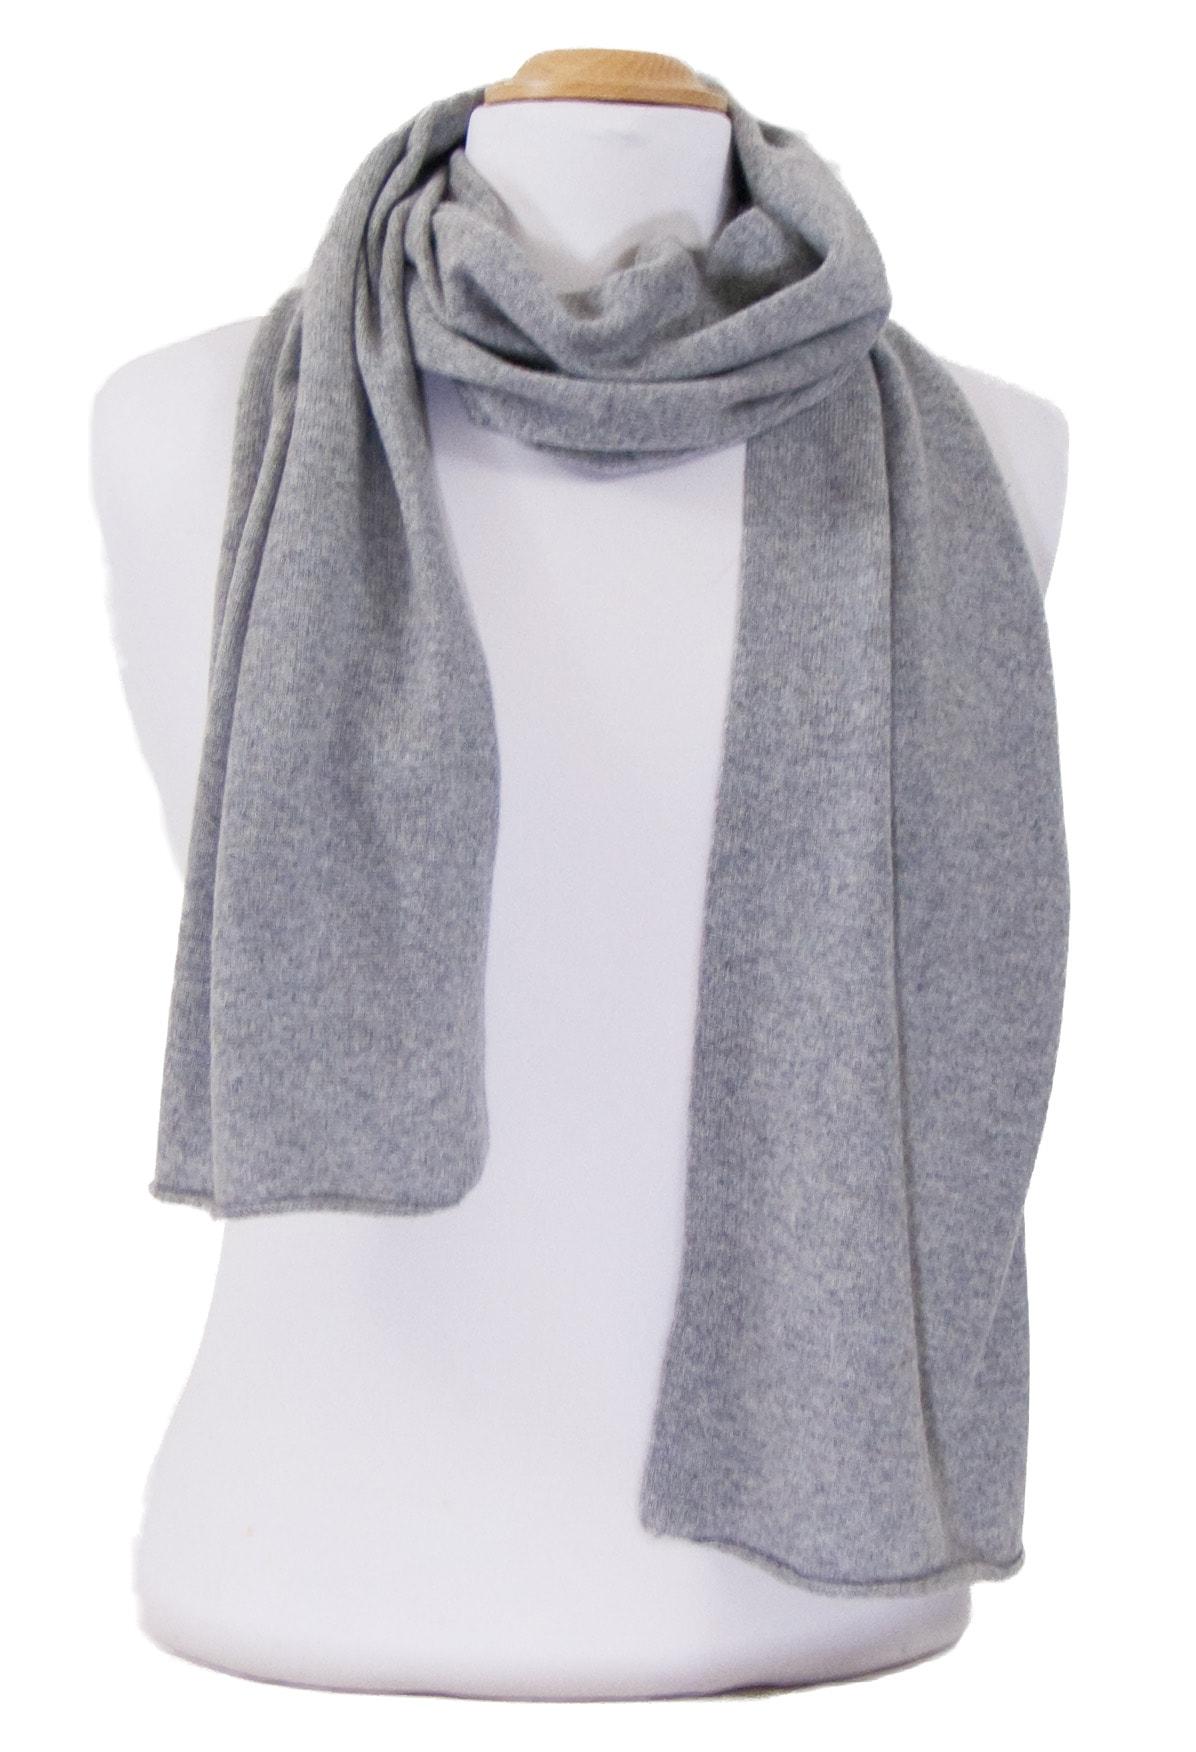 Echarpe grise cachemire tricot - écharpe en cashmere - Mesecharpes.com 907096e9a9a